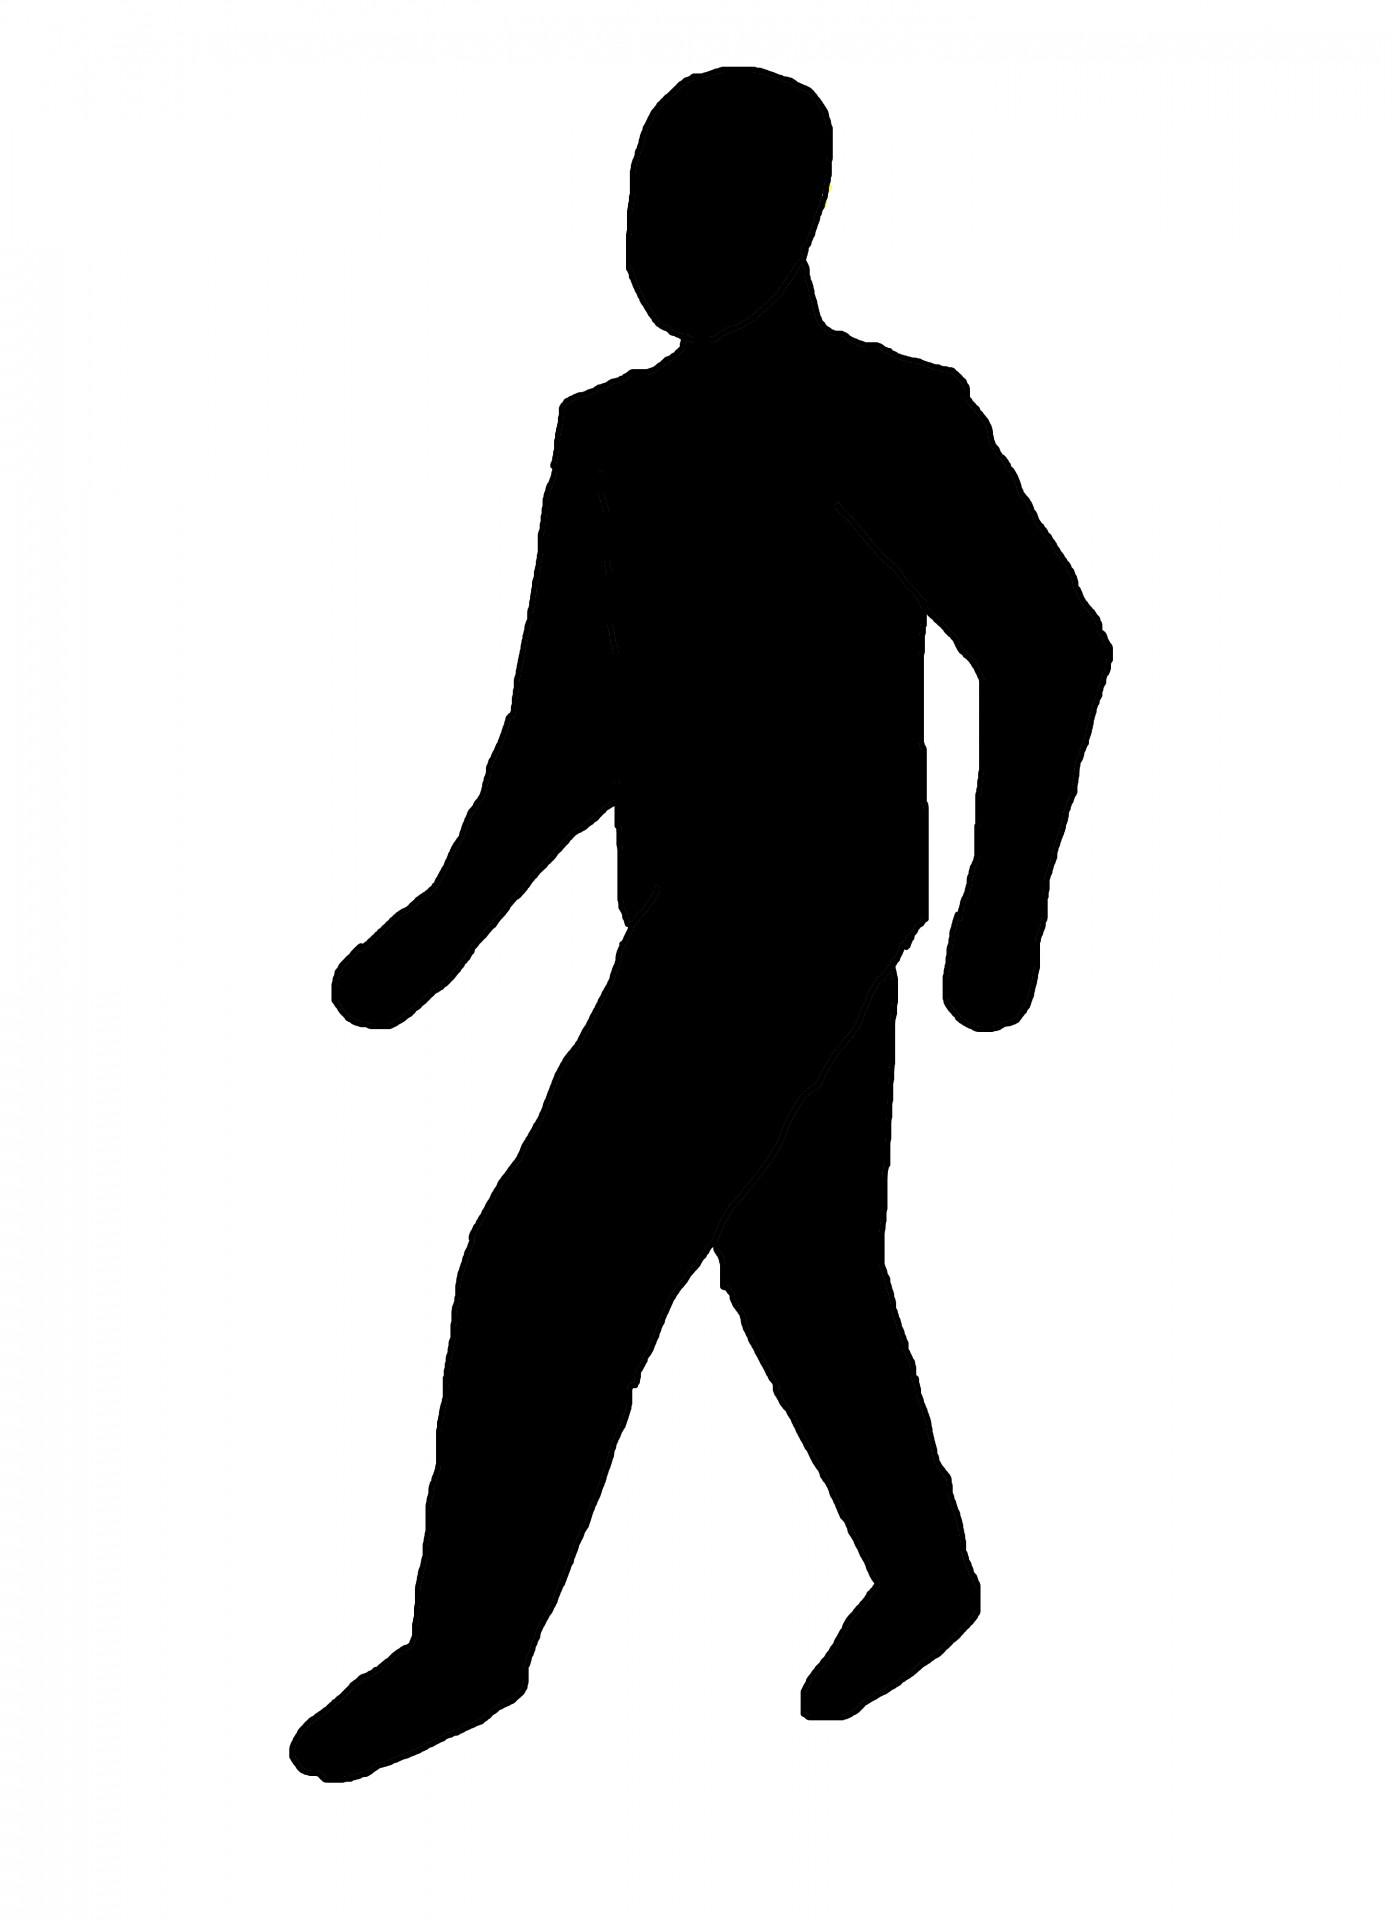 1395x1920 Walking Man Free Stock Photo